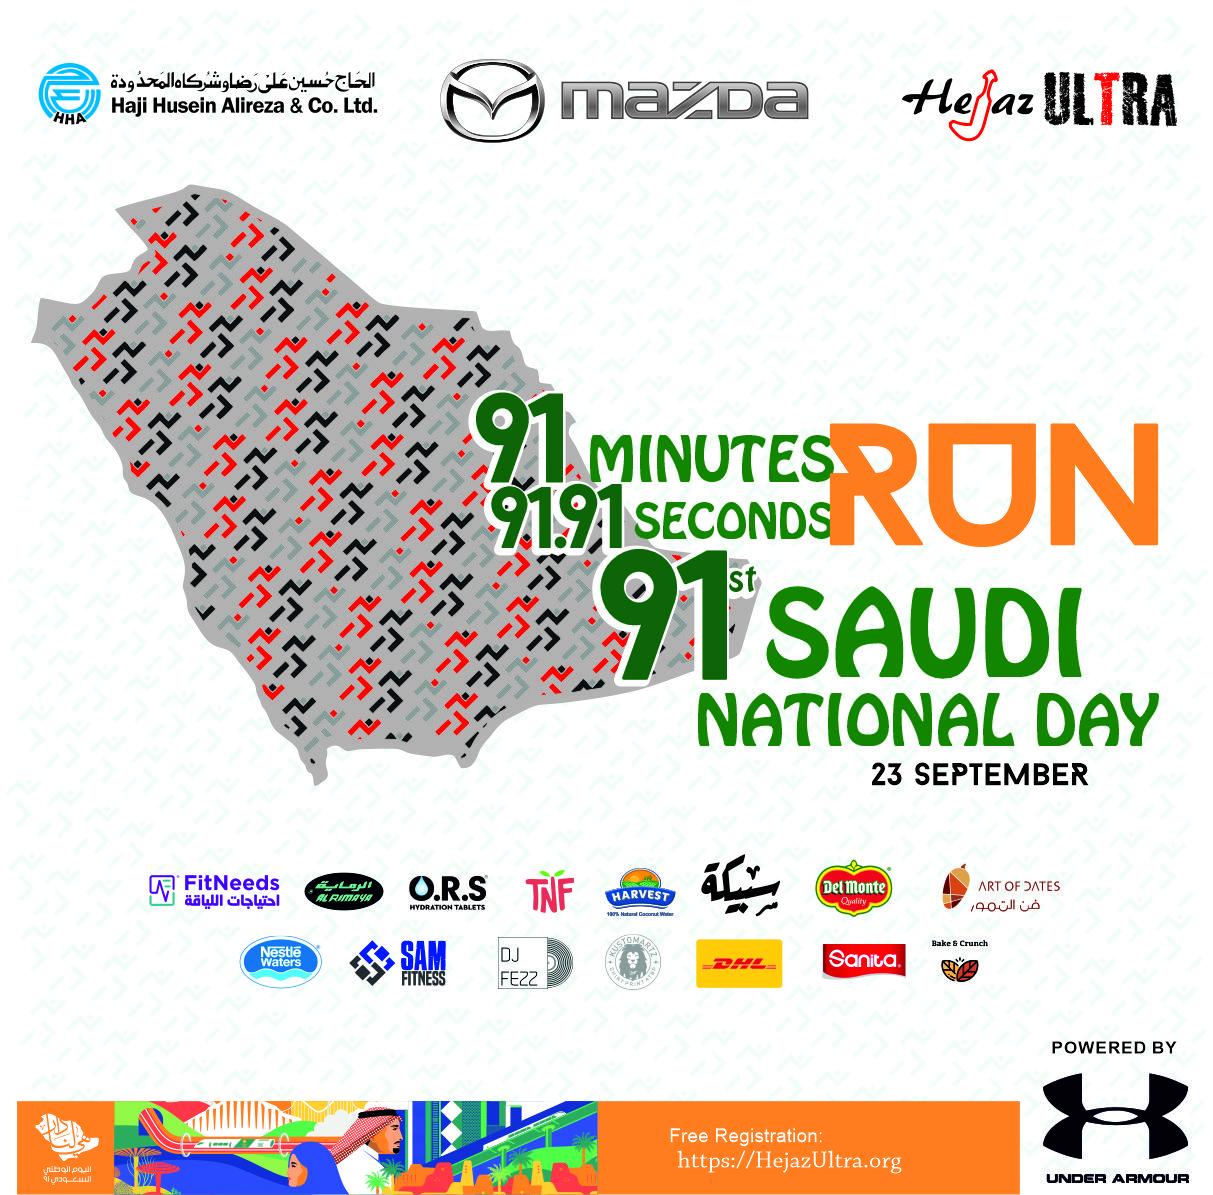 Saudi National Day Run